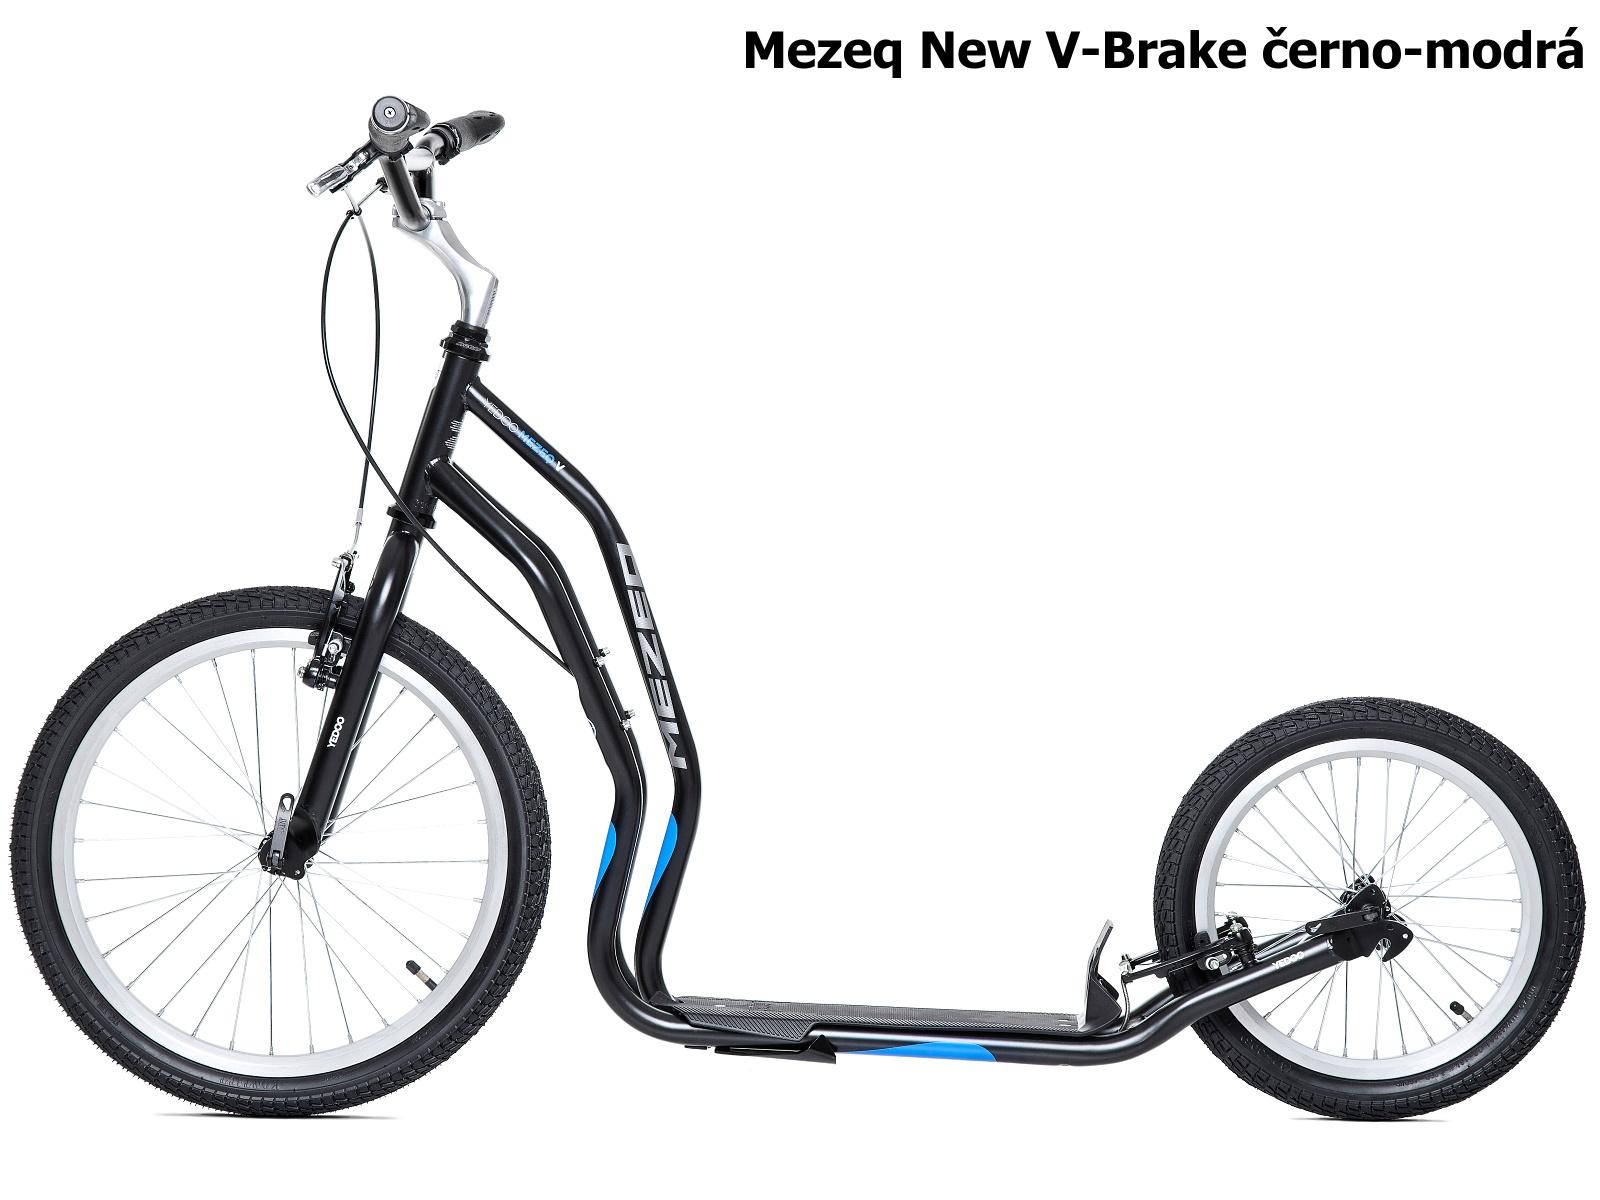 Koloběžka YEDOO Mezeq New V-Brake 20-16 černo-modrá